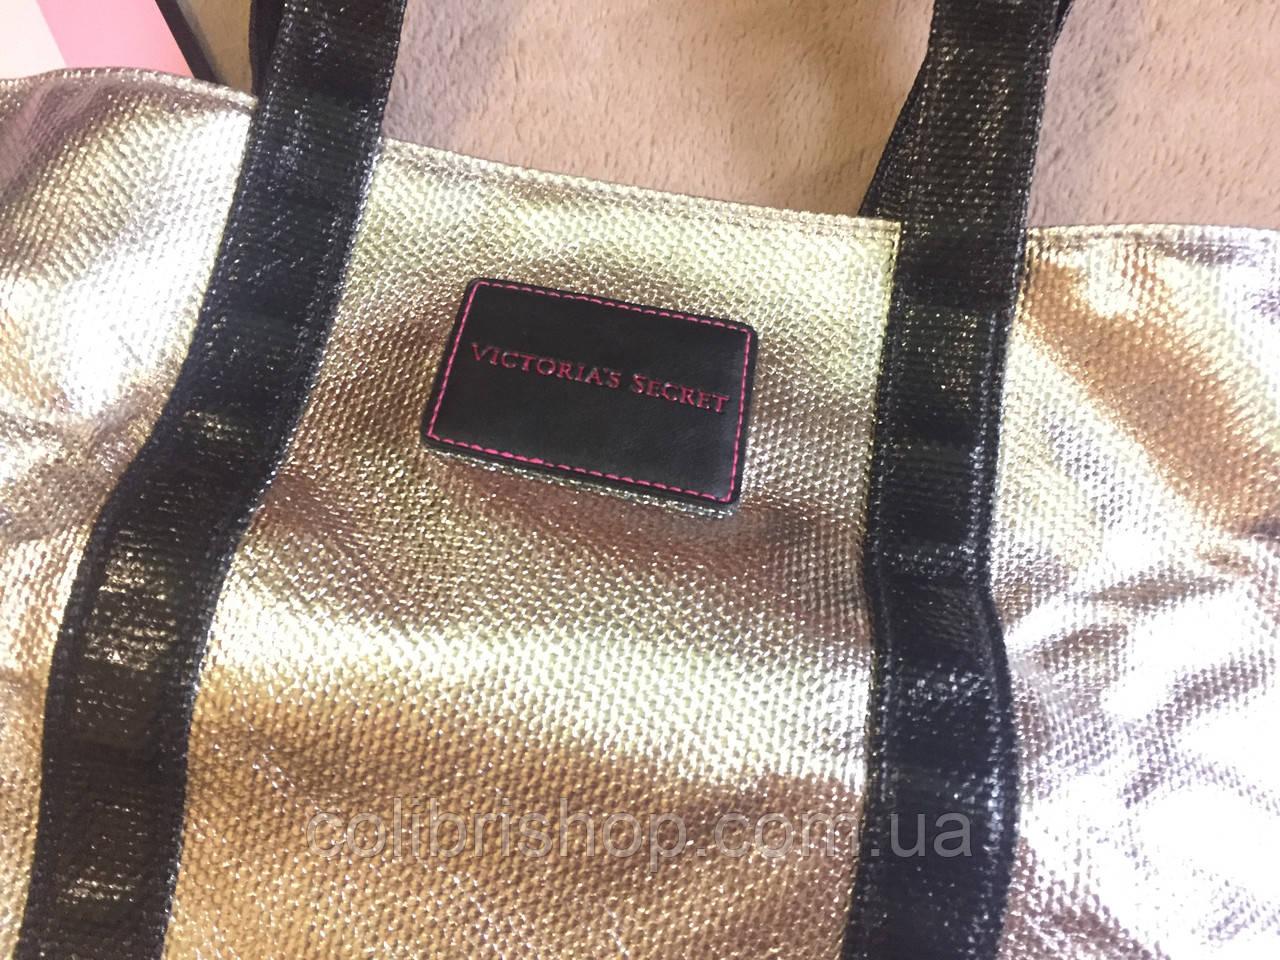 59cdac067b015 ... Стильная дорожная сумка от Виктории Сикрет Victoria's Secret металик,  ...